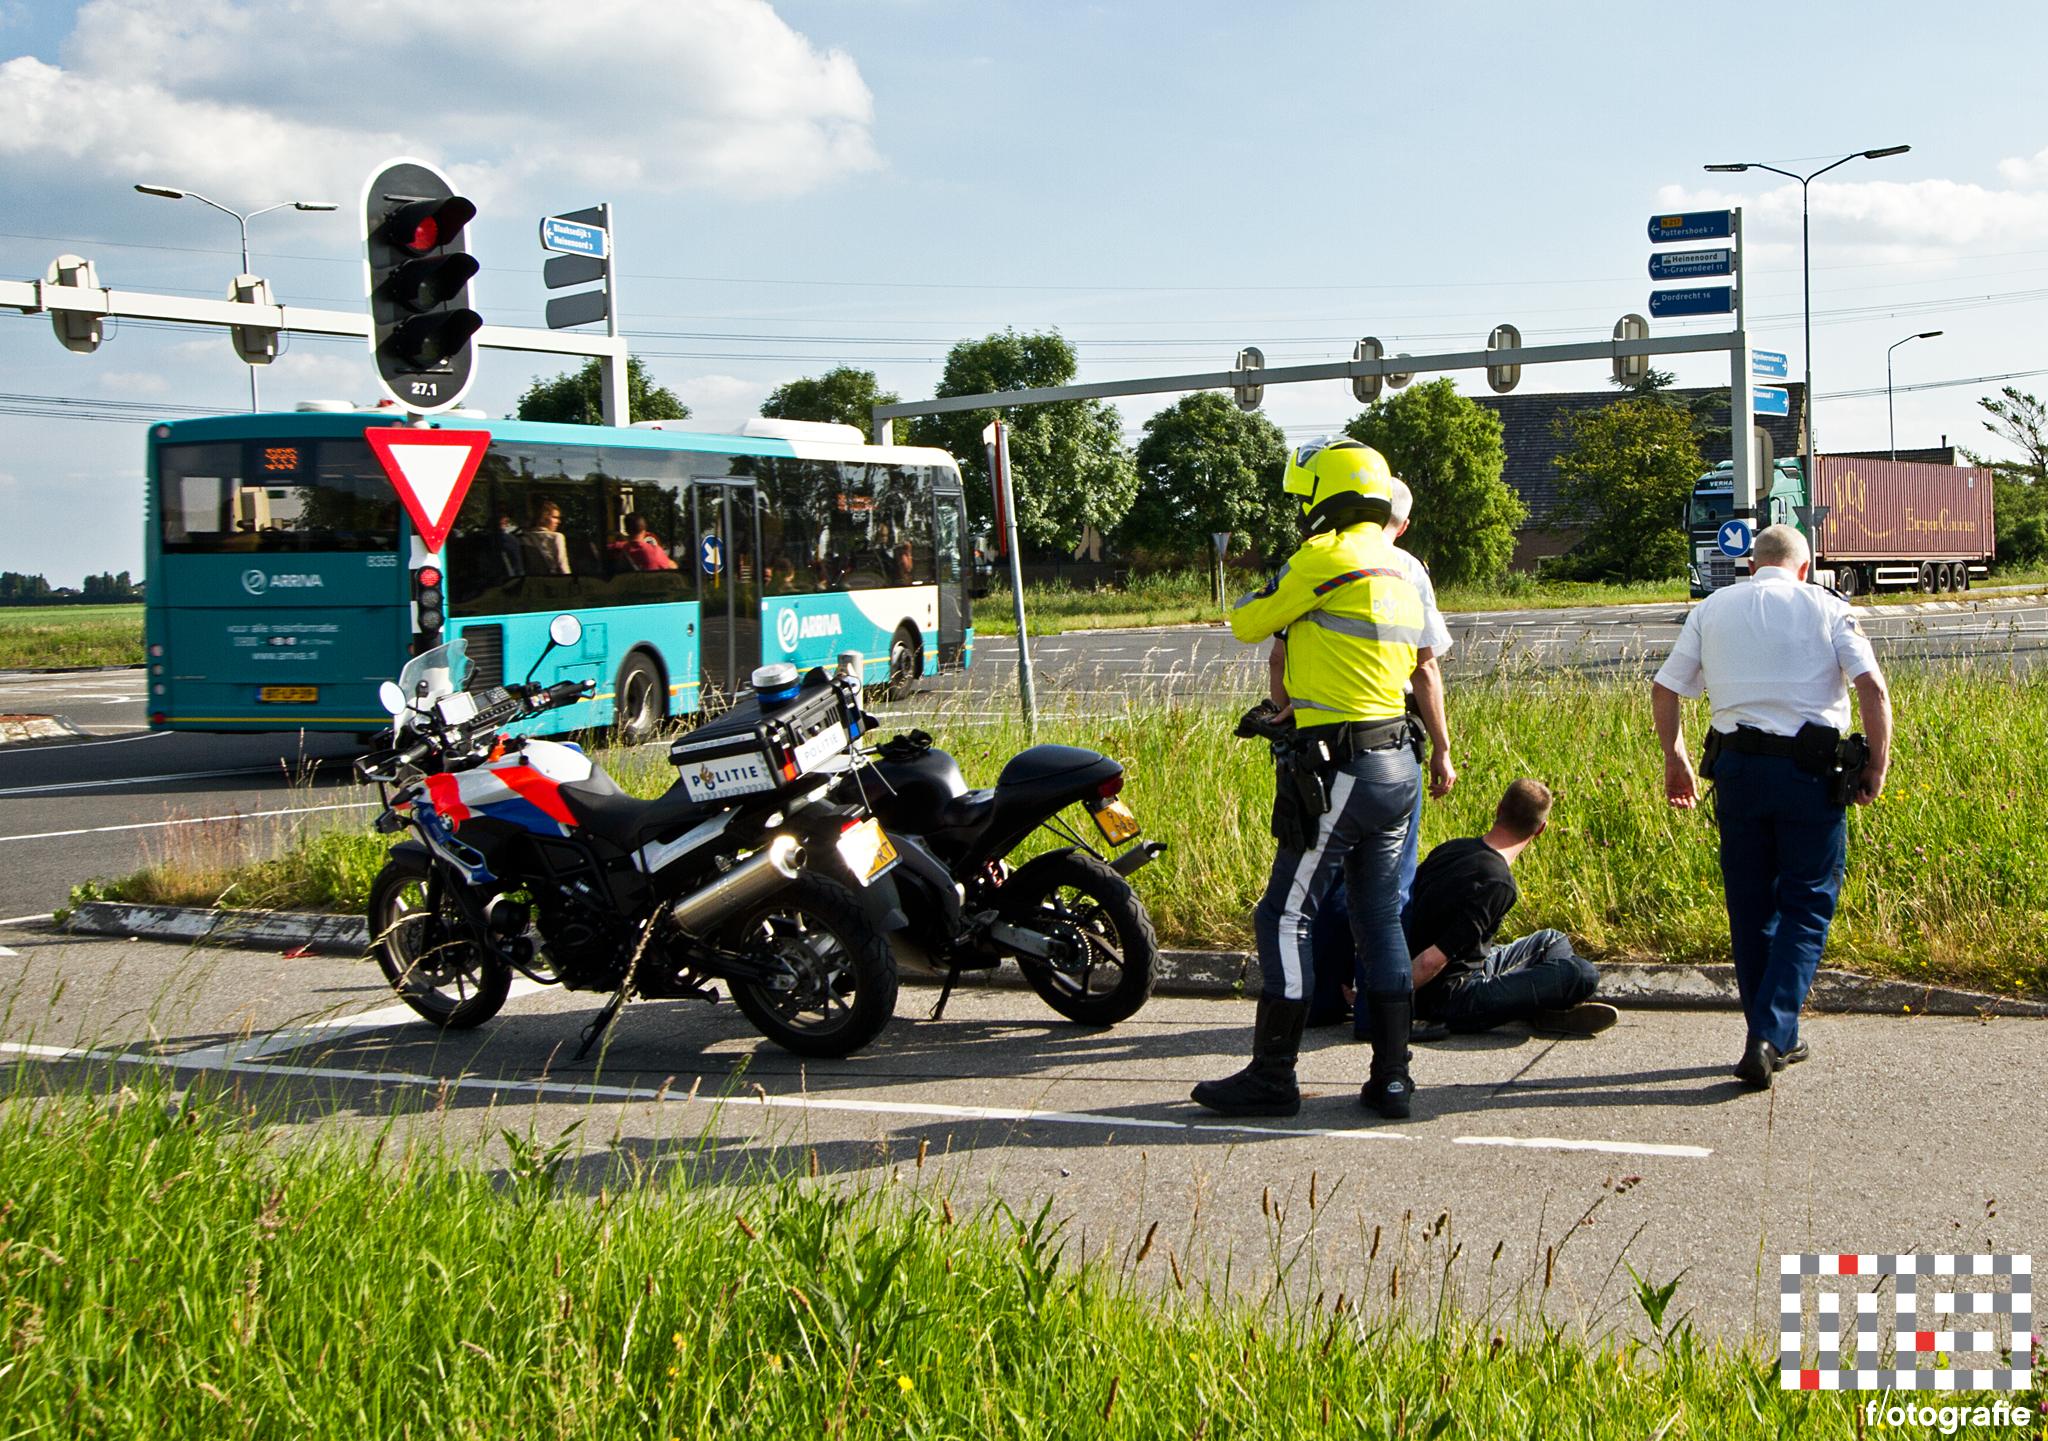 Motorrijder na achtervolging op A29 aangehouden bij Heinenoord Busstation - Foto MS Fotografie - Maandag 23 juni 2014